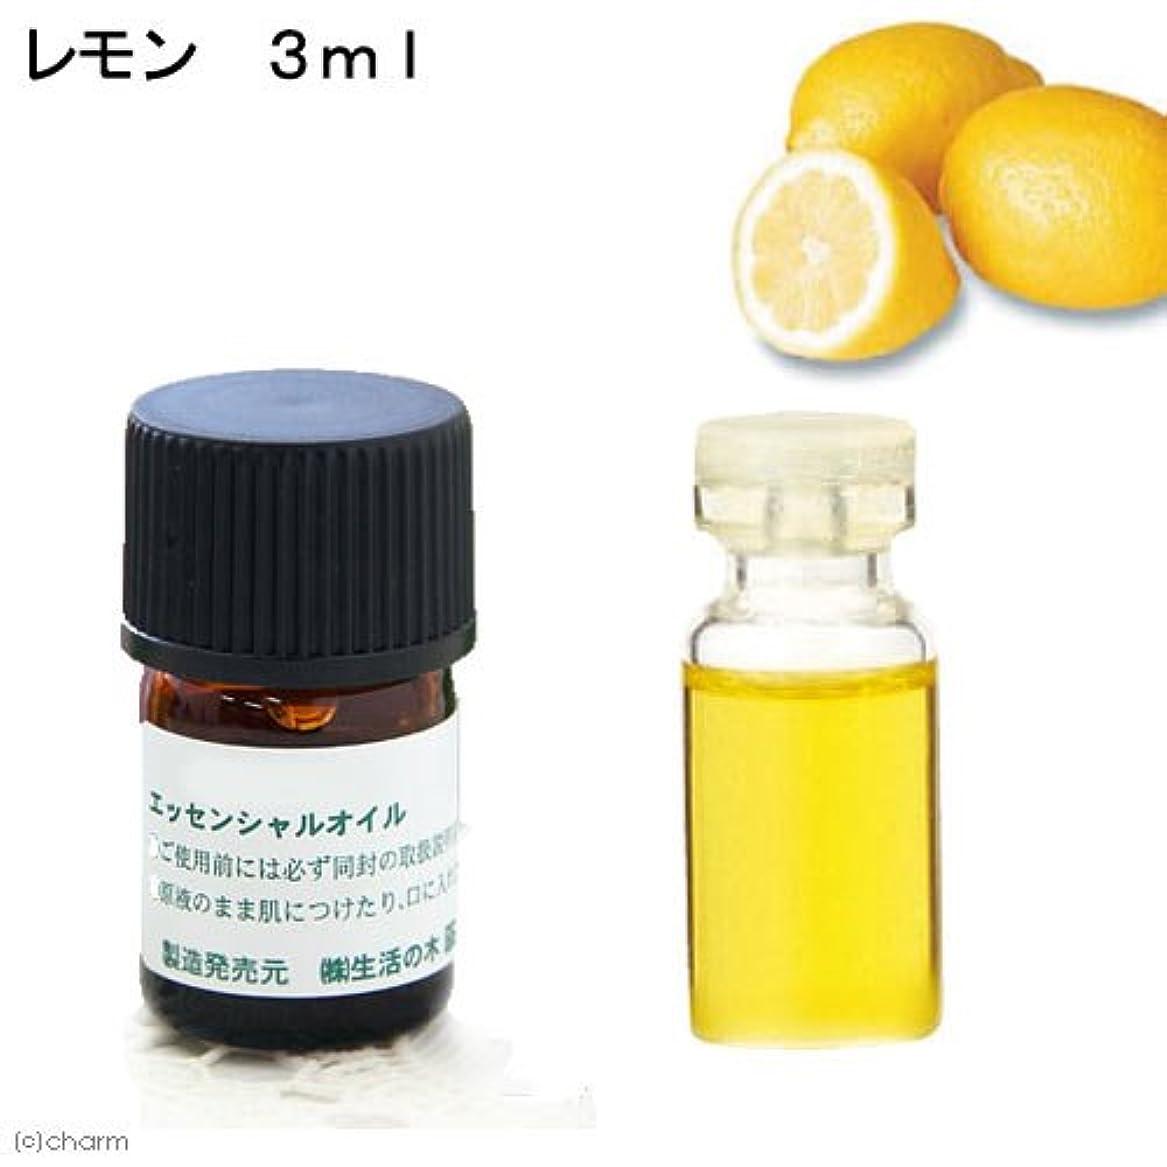 絡まるスタウト主張する生活の木 レモン 3ml